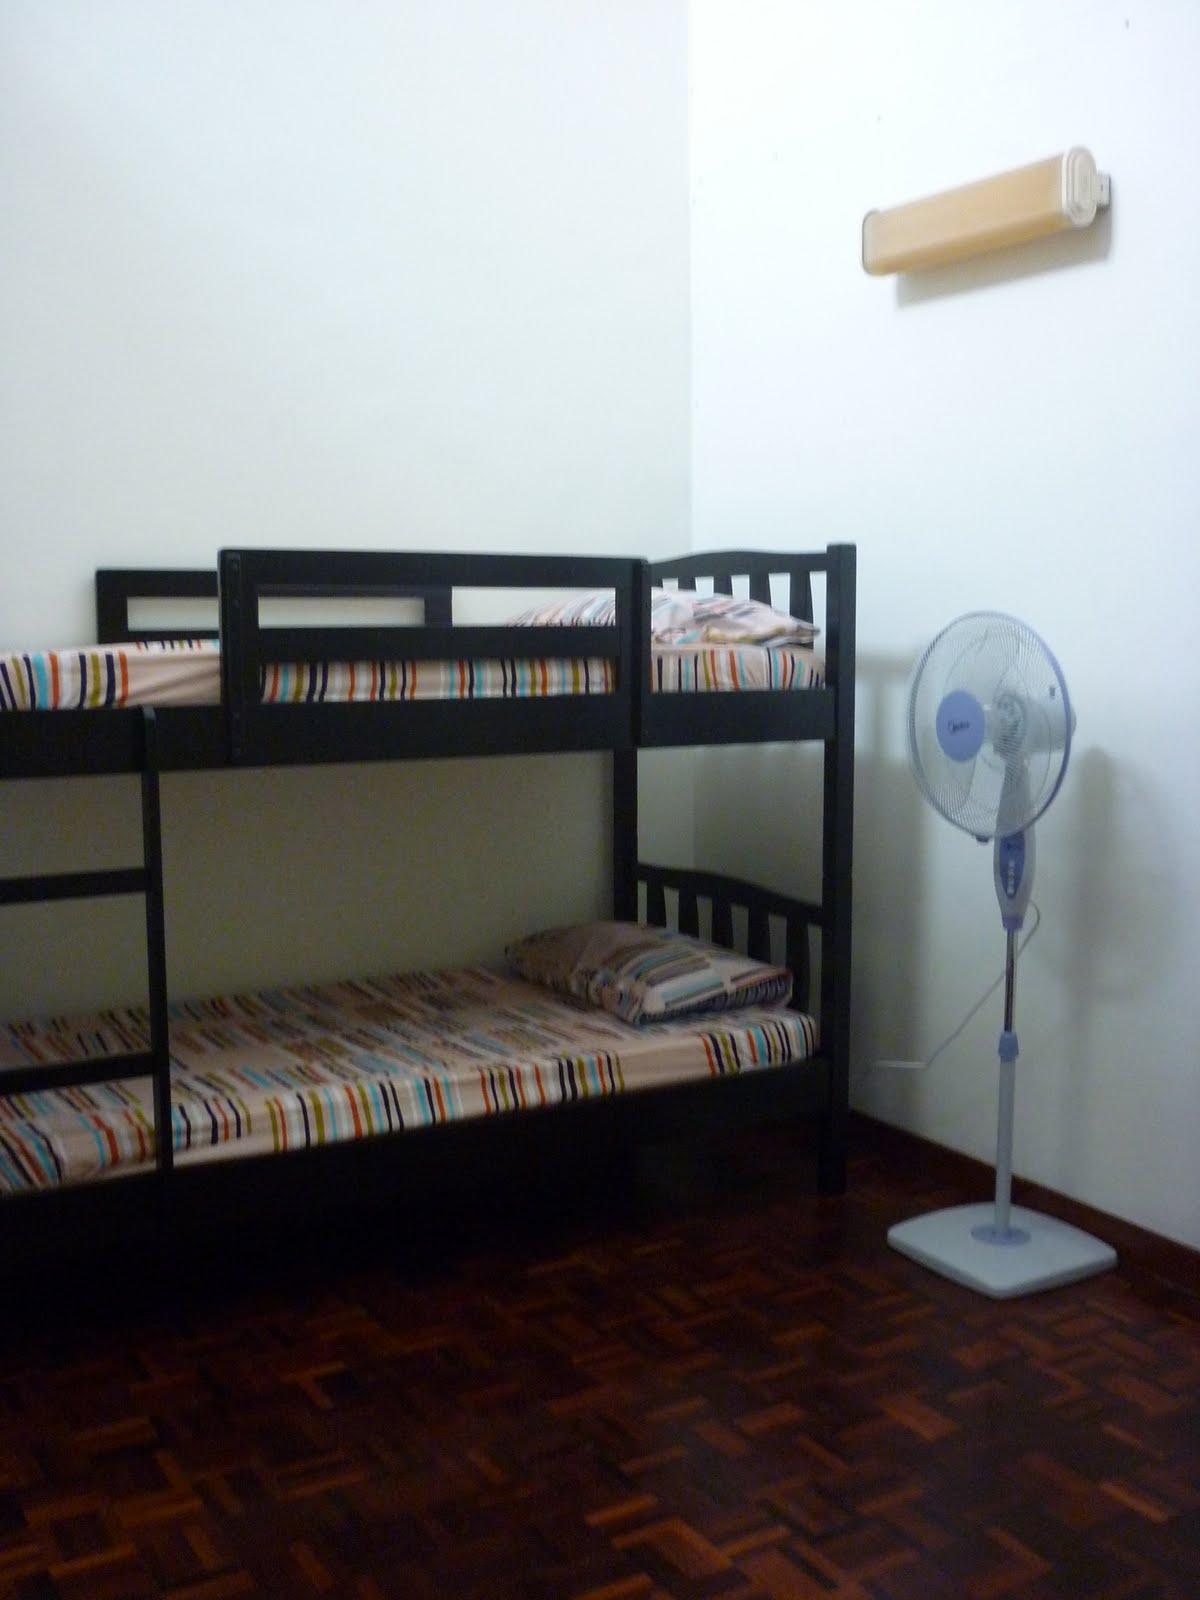 Upstairs Tingkat Atas Katil 2 Di Ruang Keluarga Double Deck In A Family Area